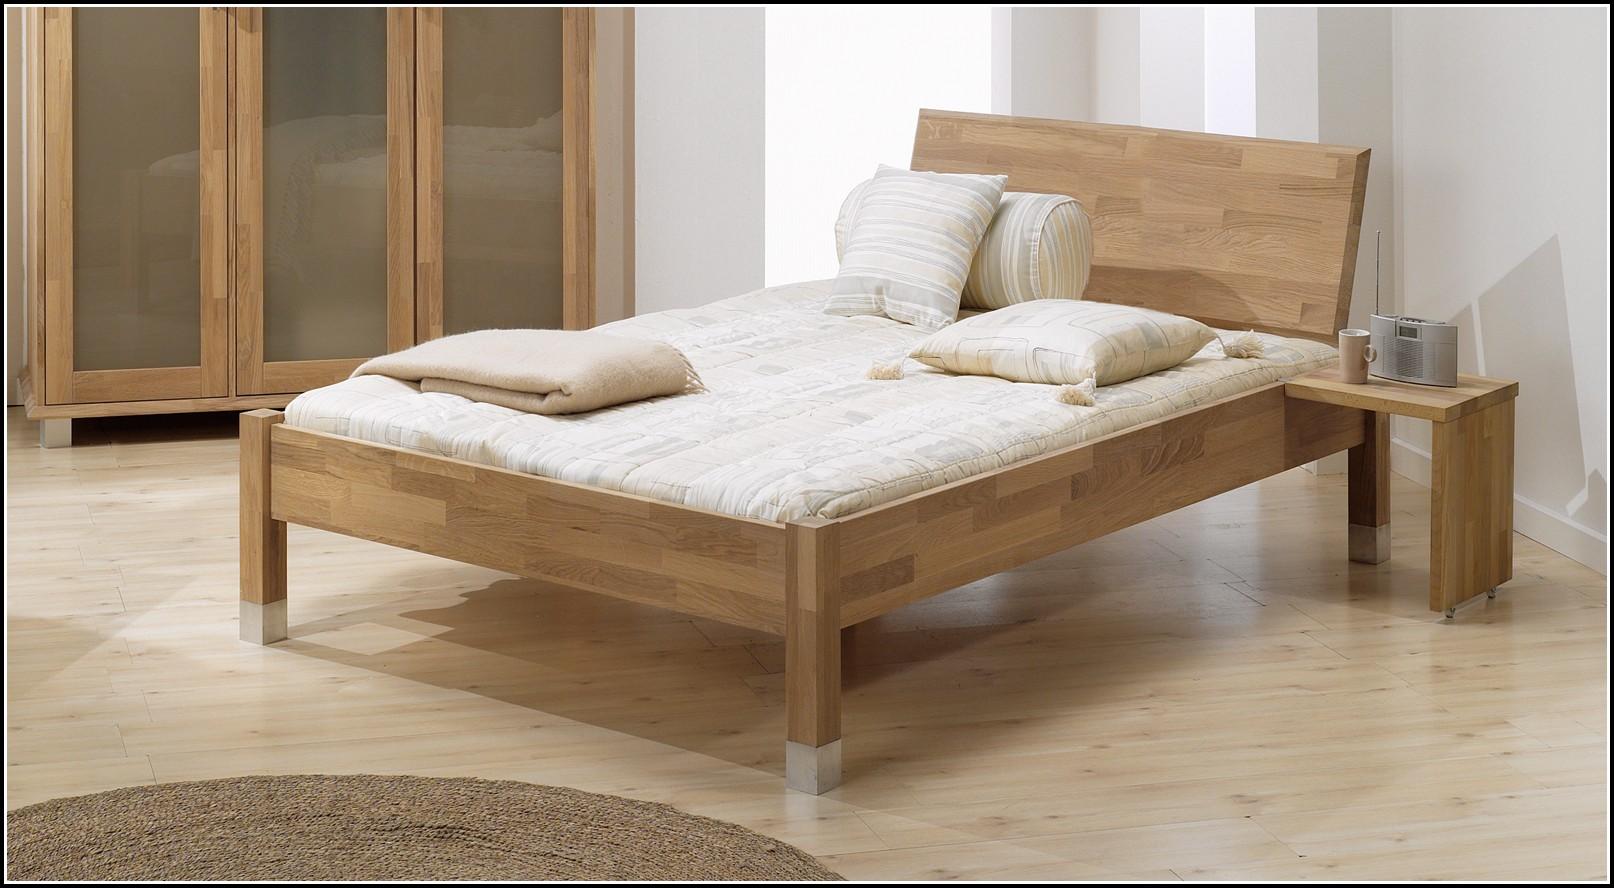 Ikea Aneboda Bettkasten